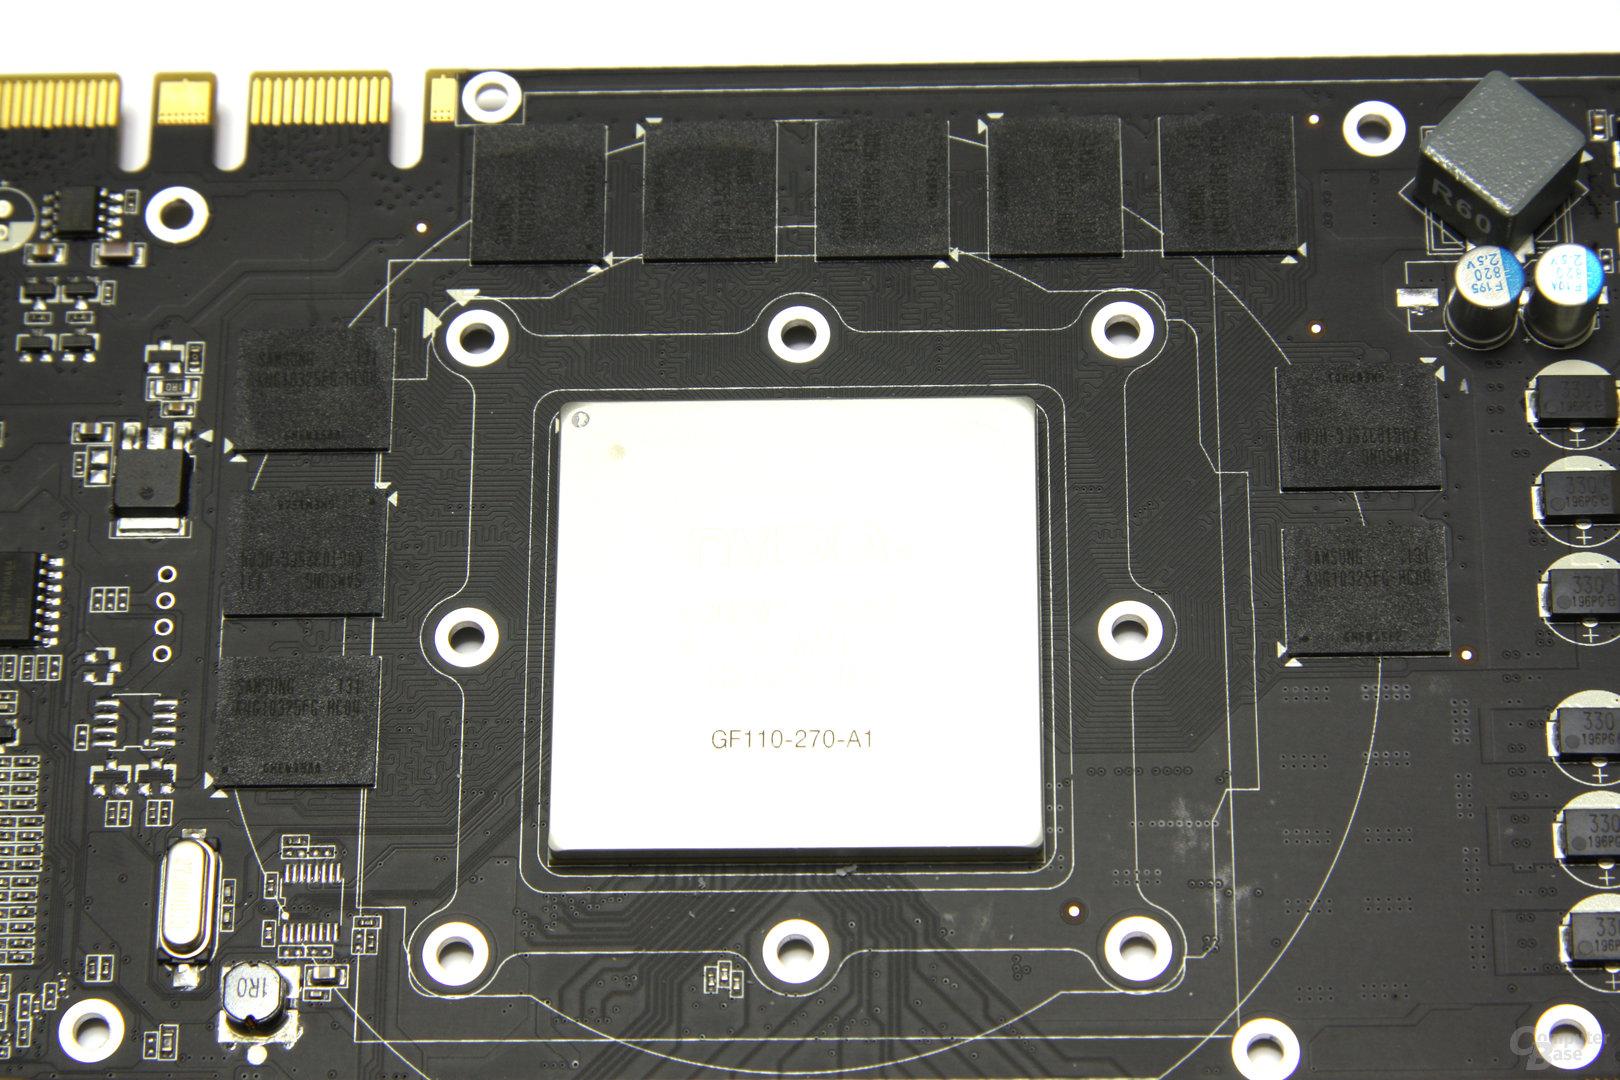 GeForce GTX 560 Ti 448 Core LE GPU und Speicher